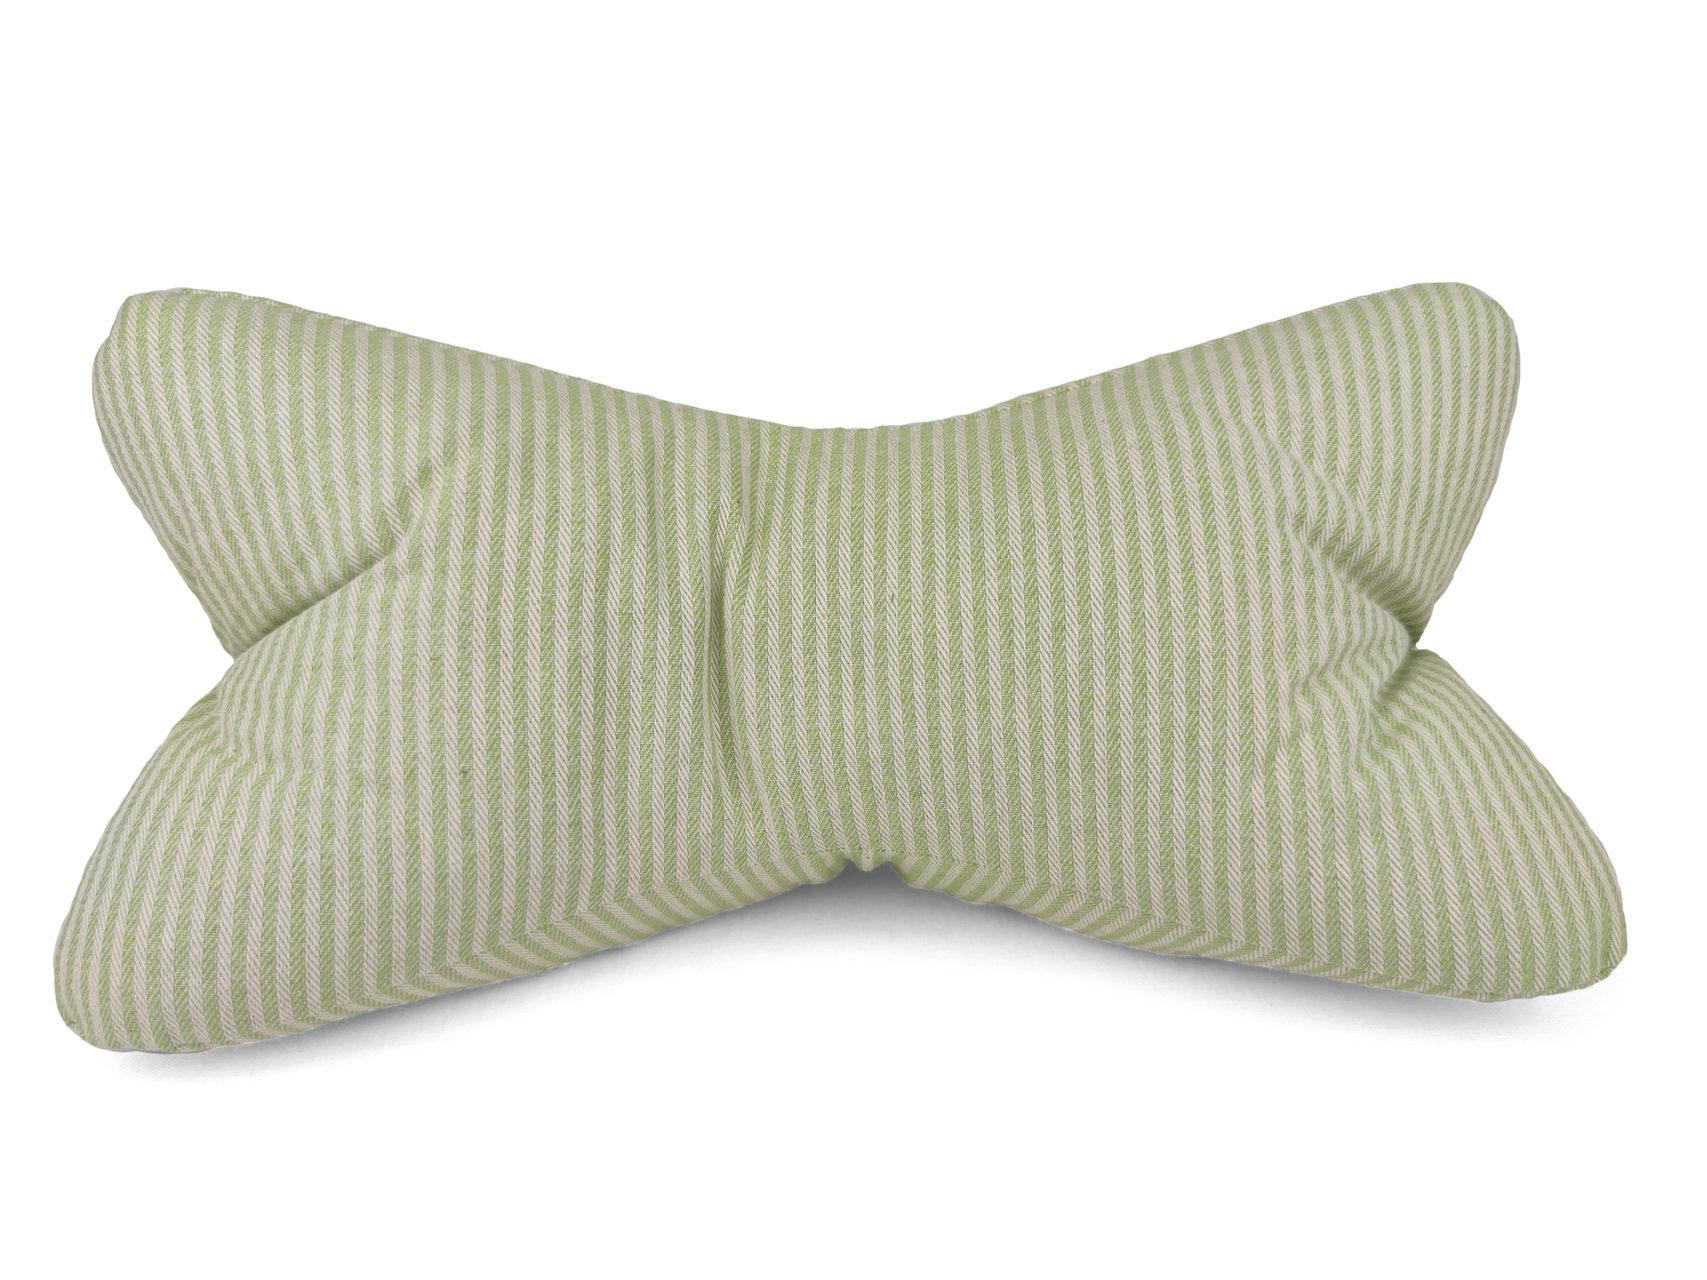 Leseknochen-hellgrün-Streifen-1